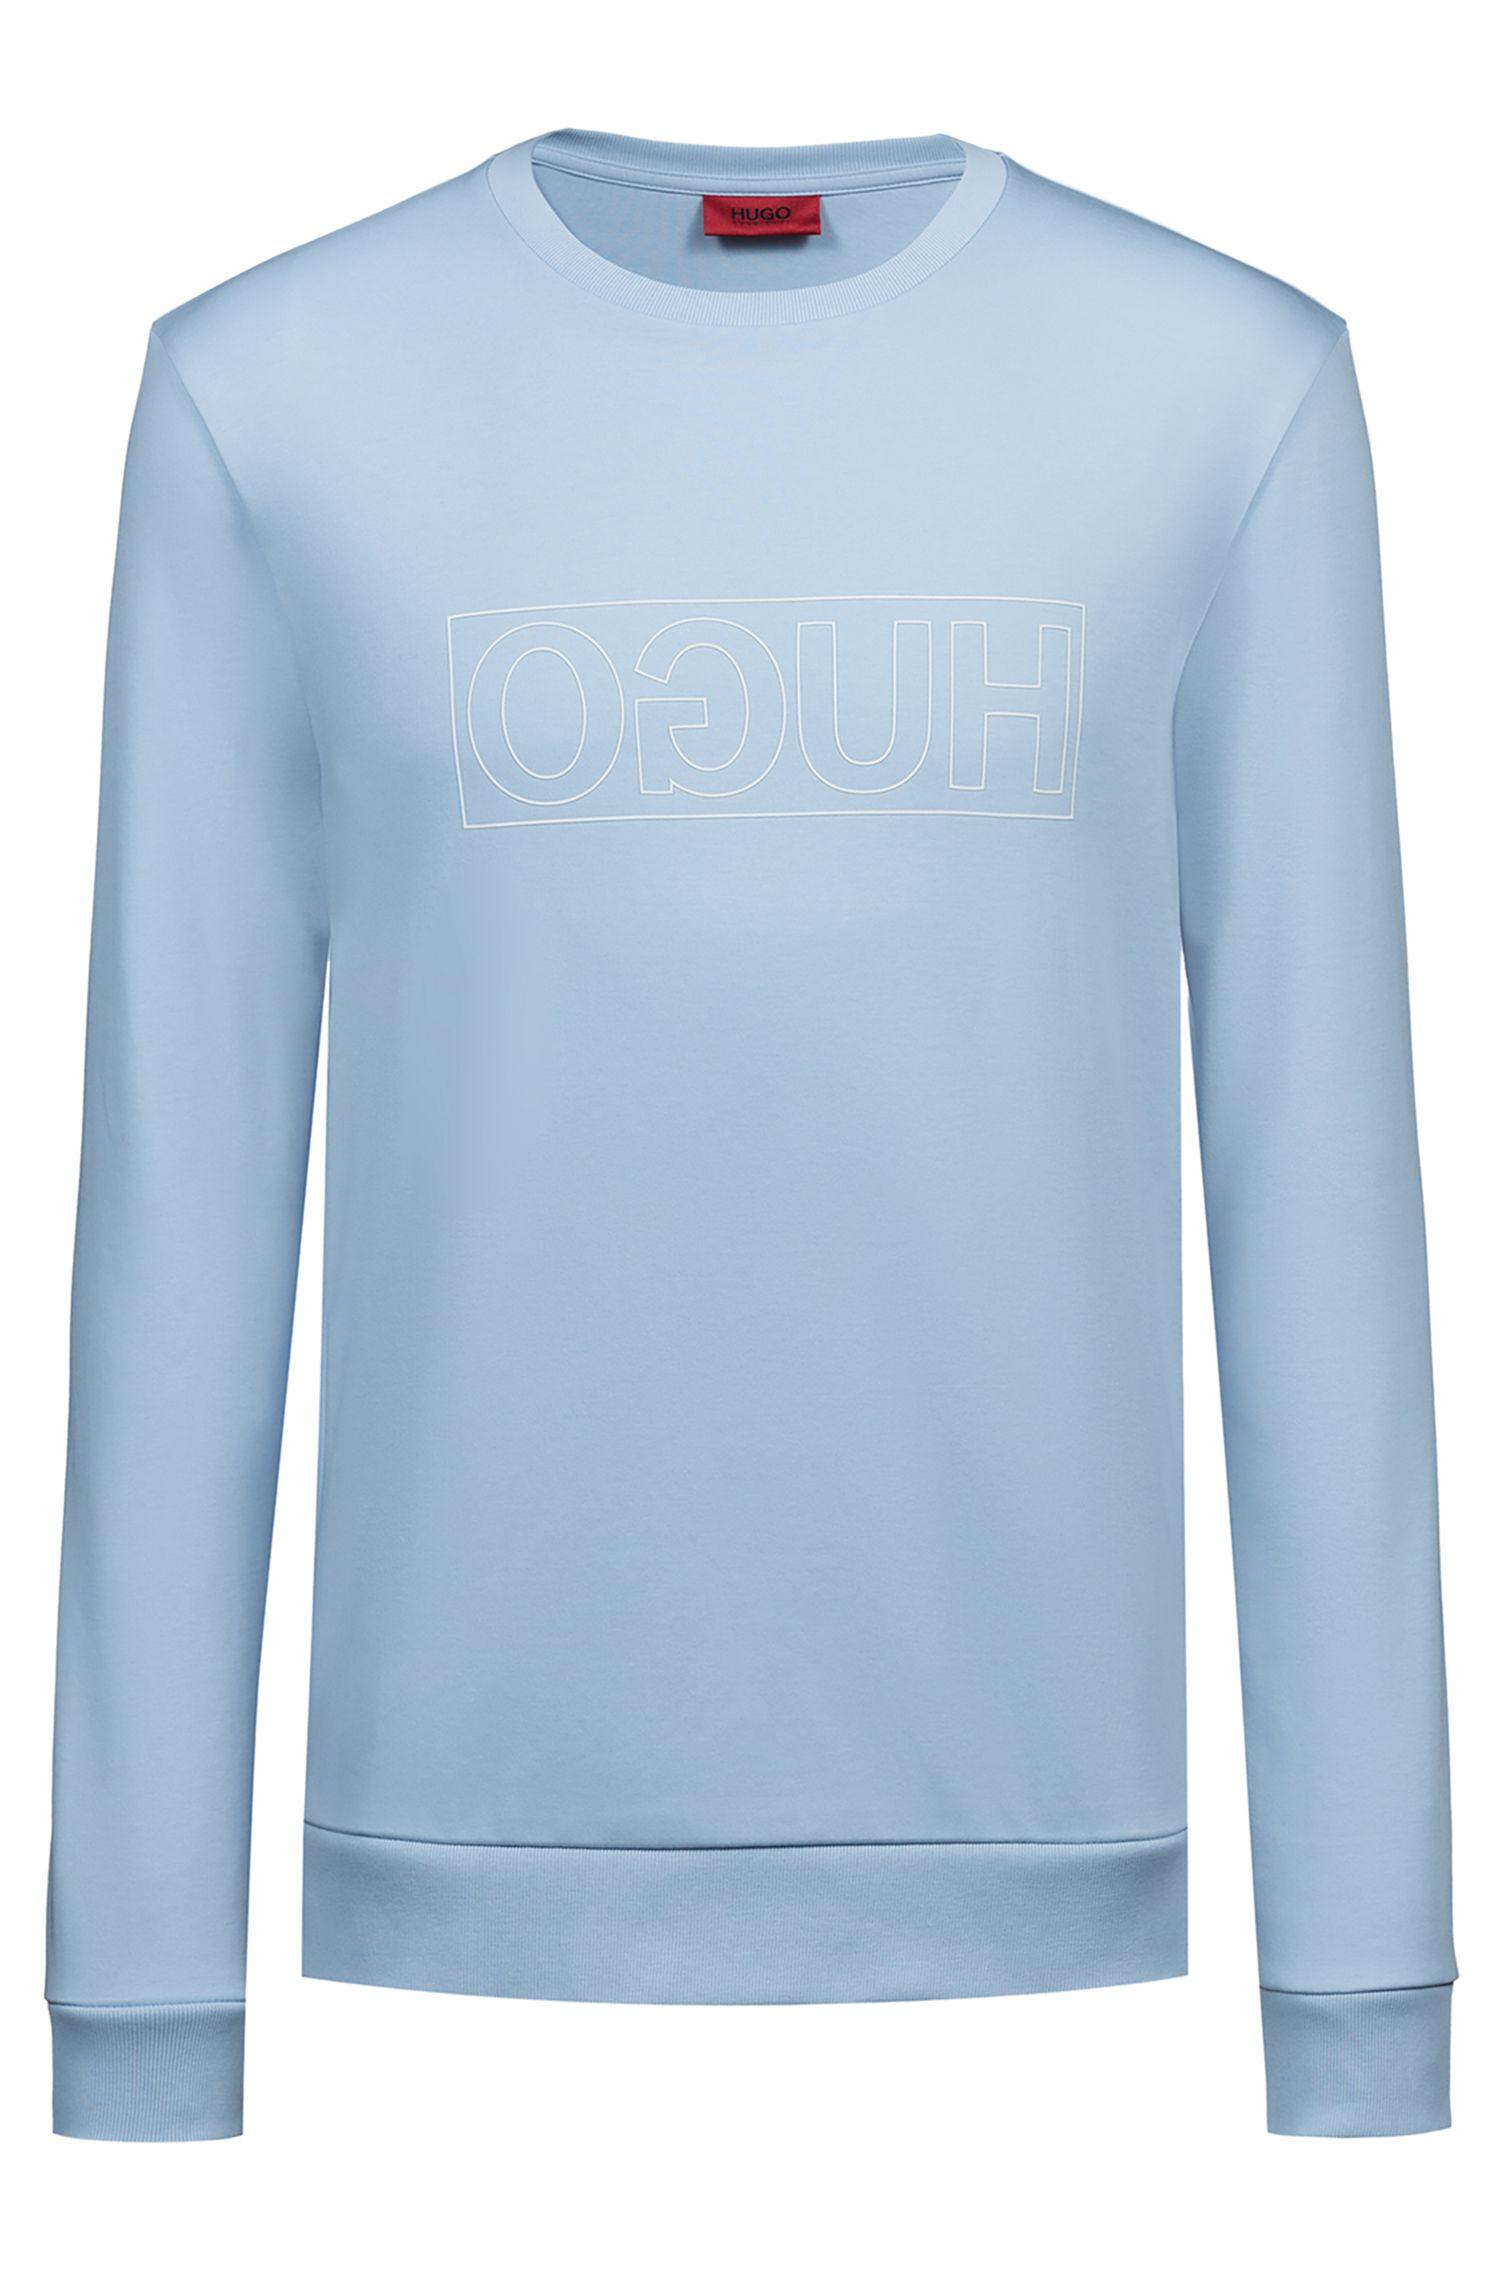 Sweatshirt aus Interlock-Baumwolle mit spiegelverkehrtem Logo, Hellblau